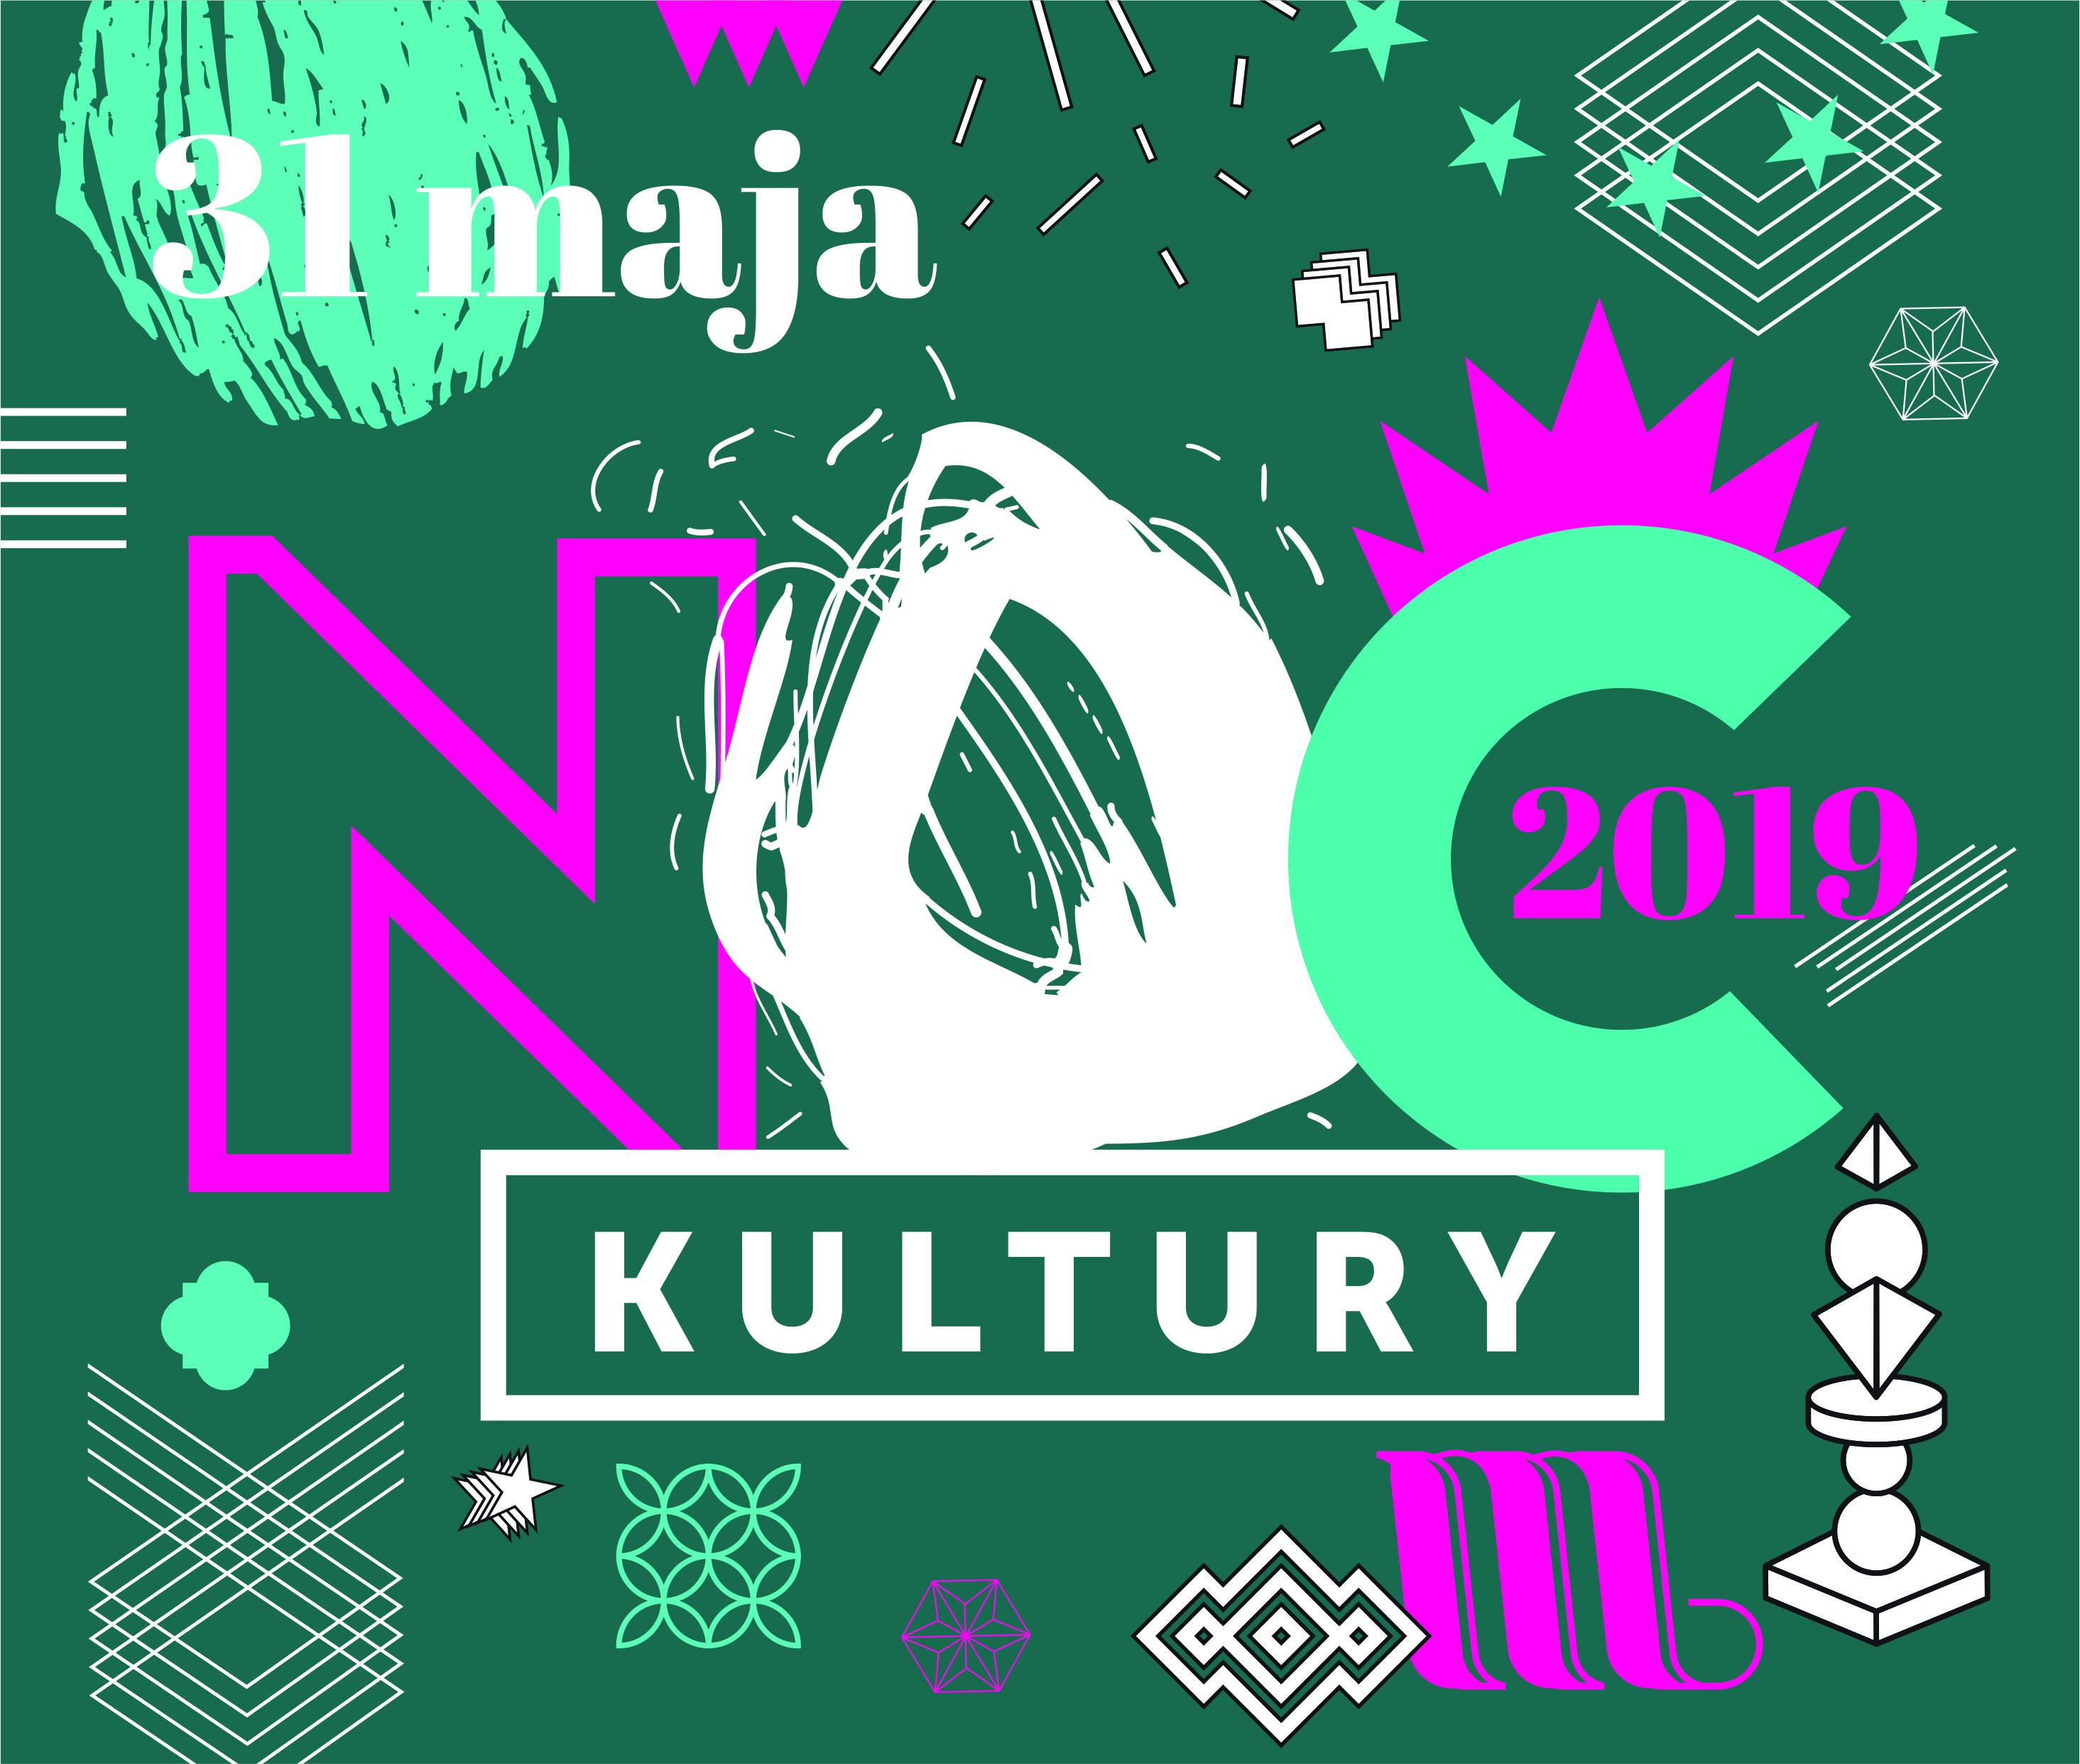 NOC KULTURY